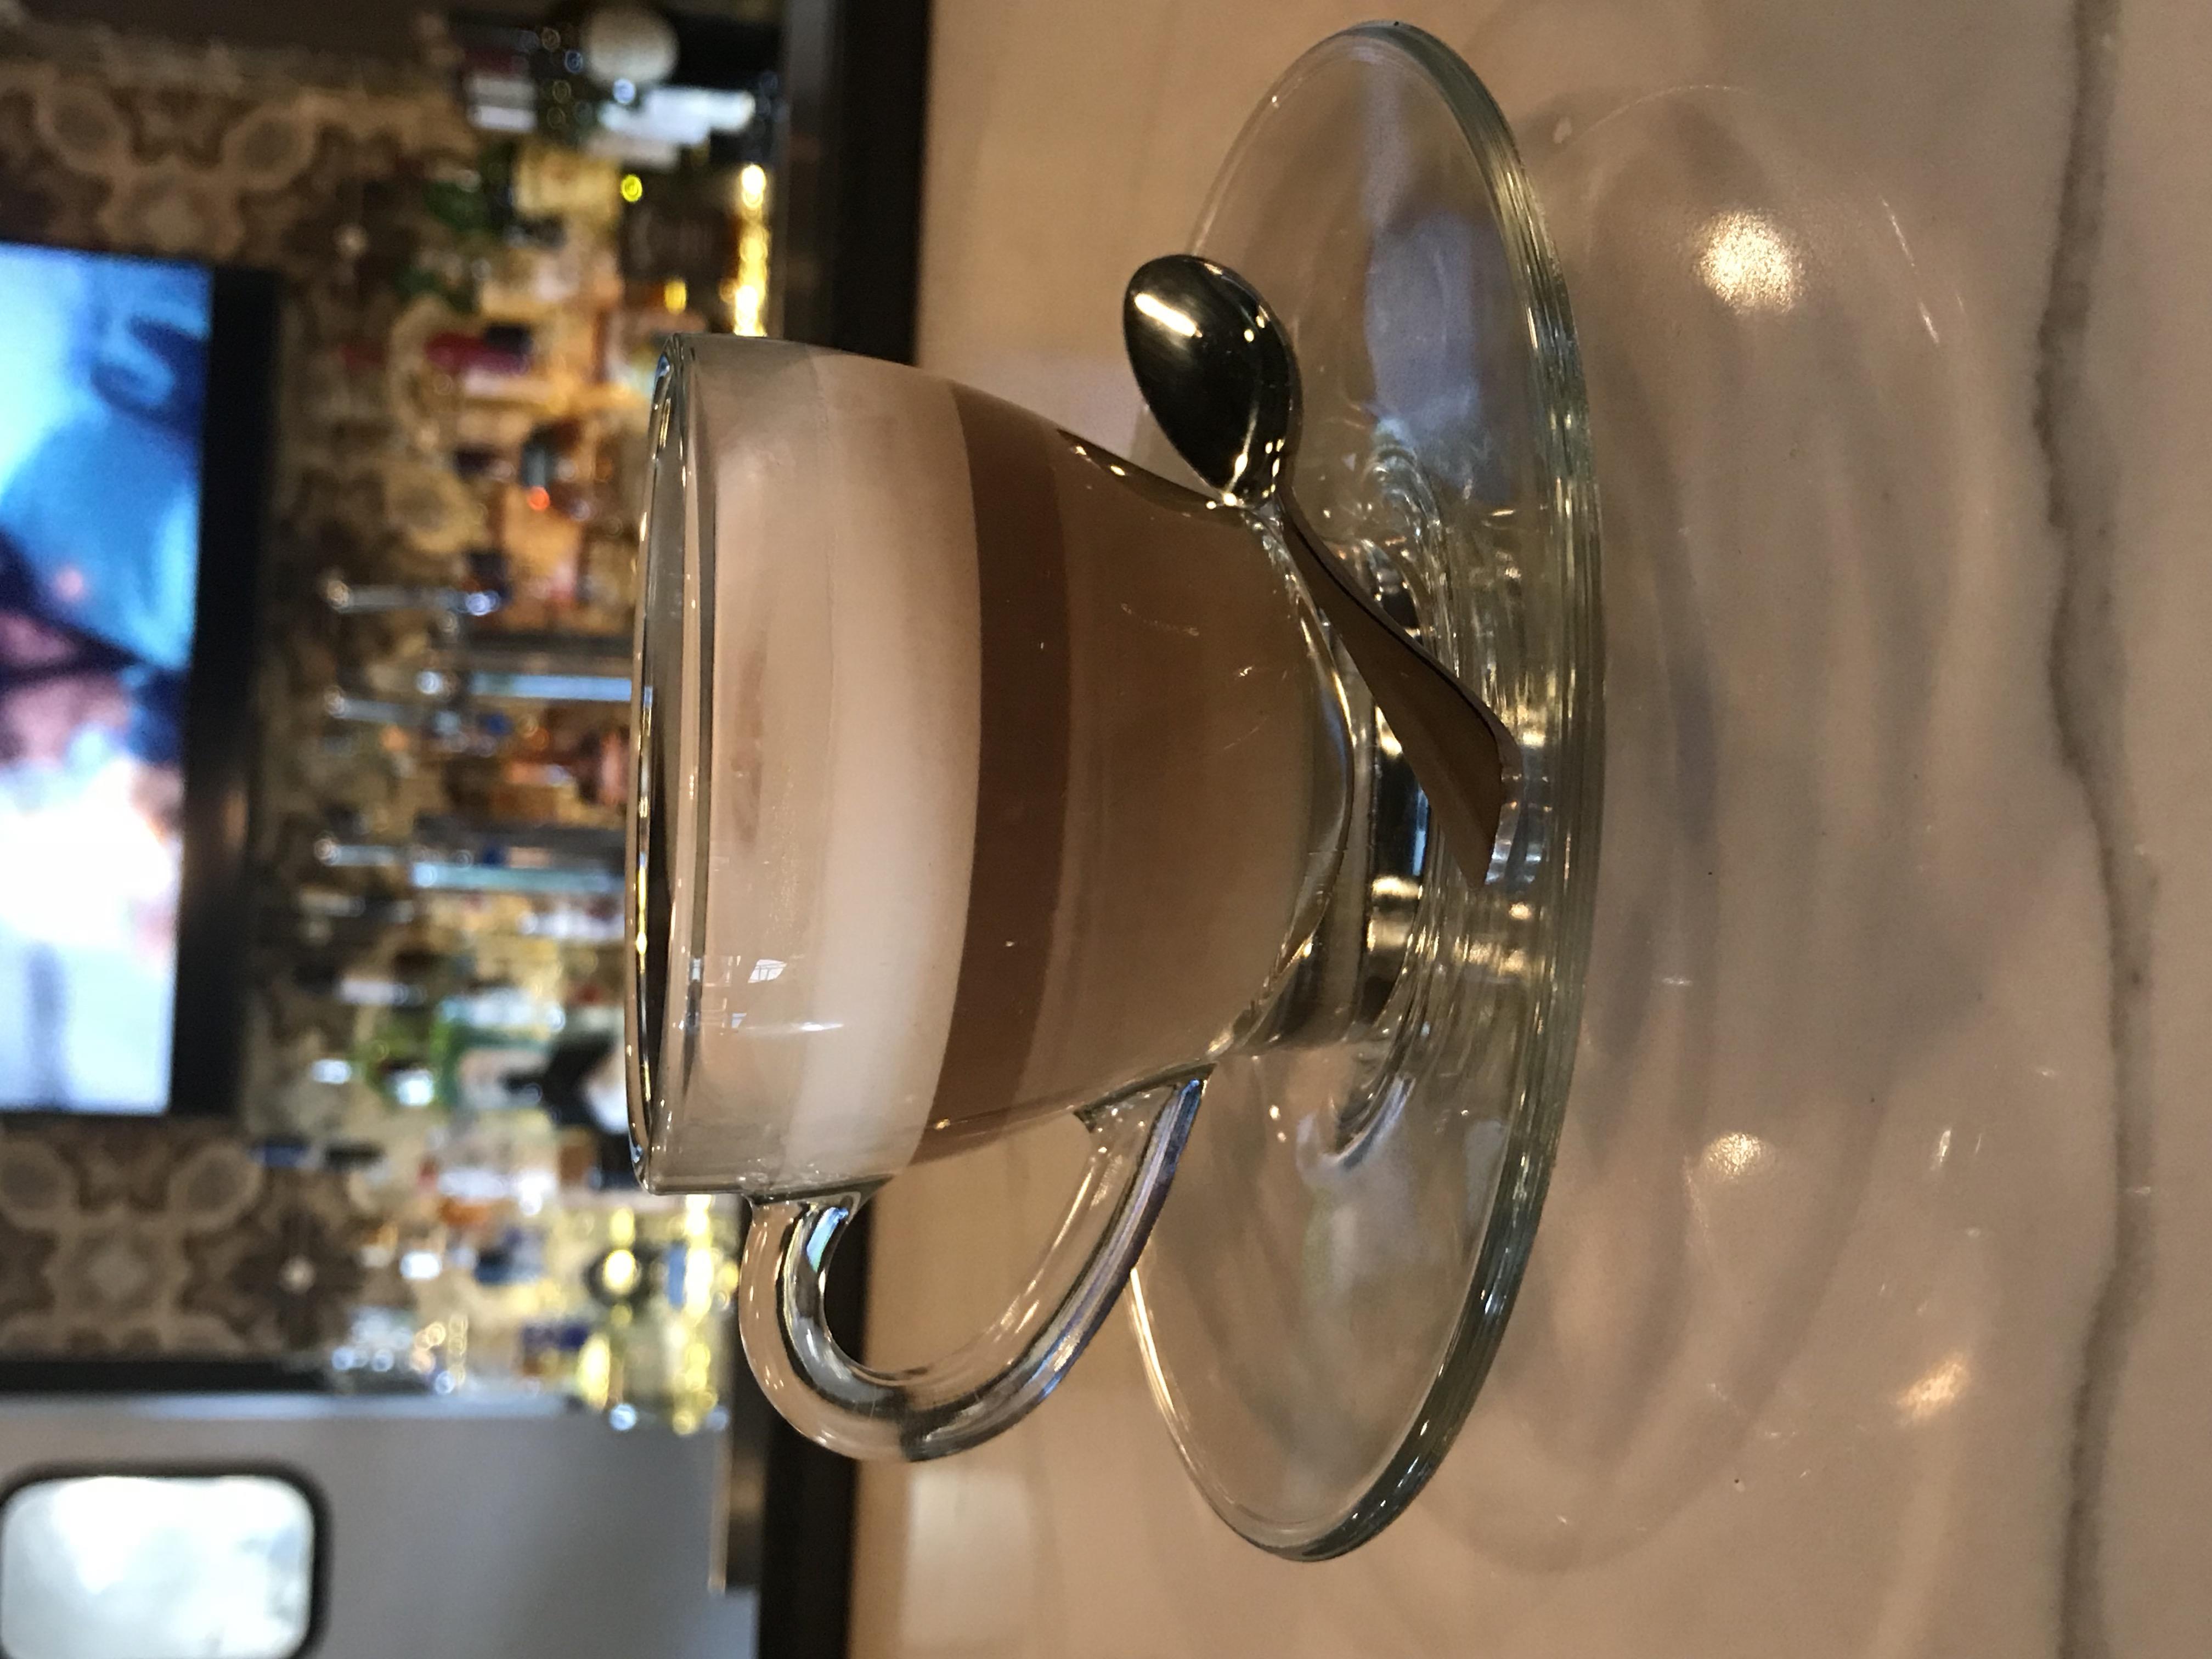 Coffee Double-Espresso